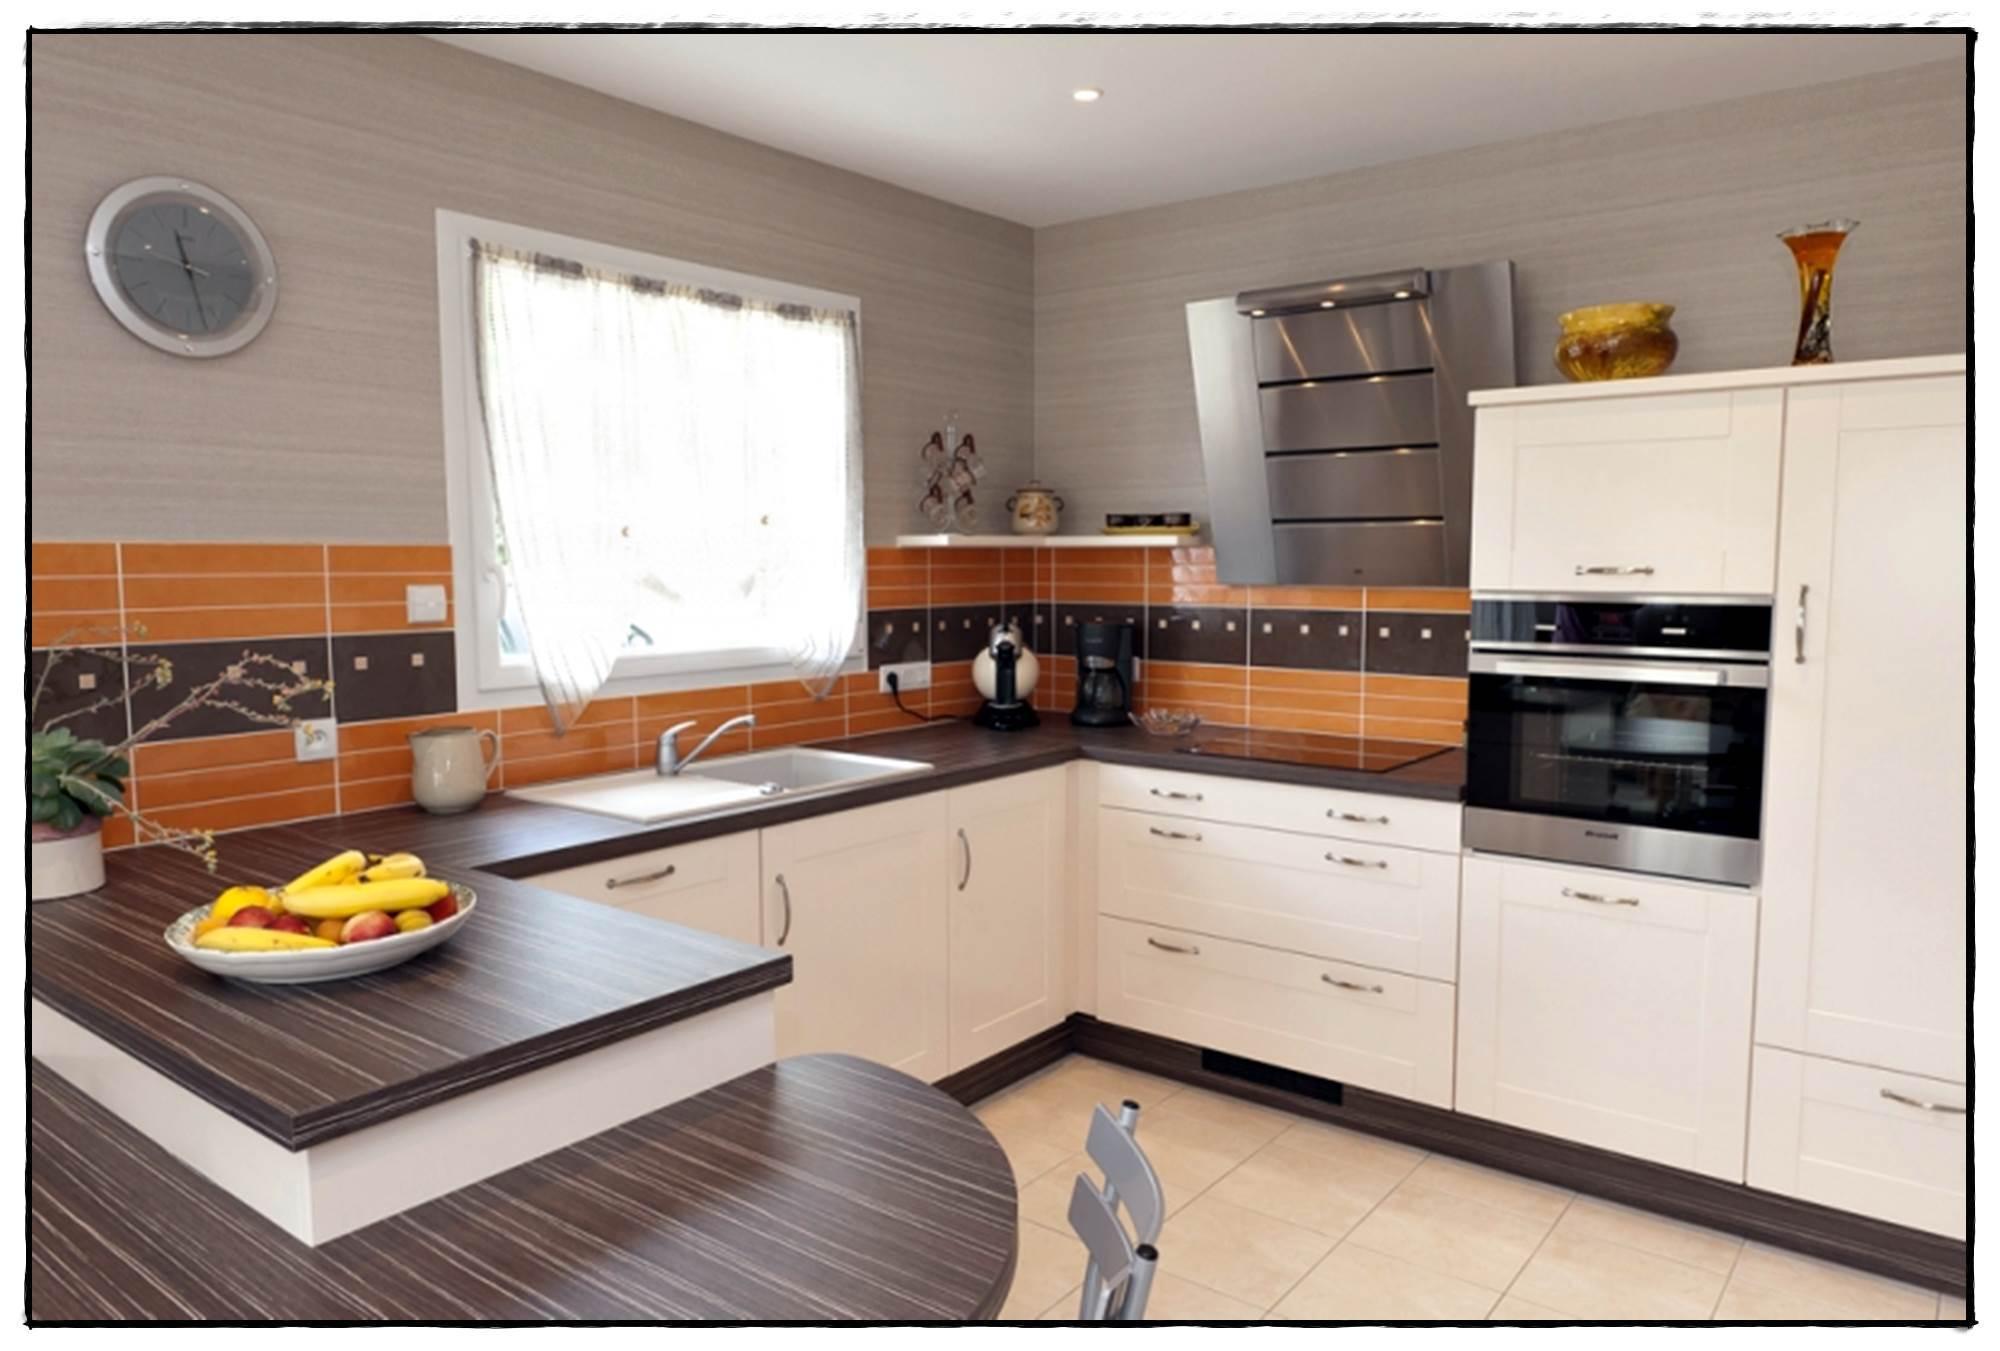 De lille maison - Modele cuisine amenagee ...